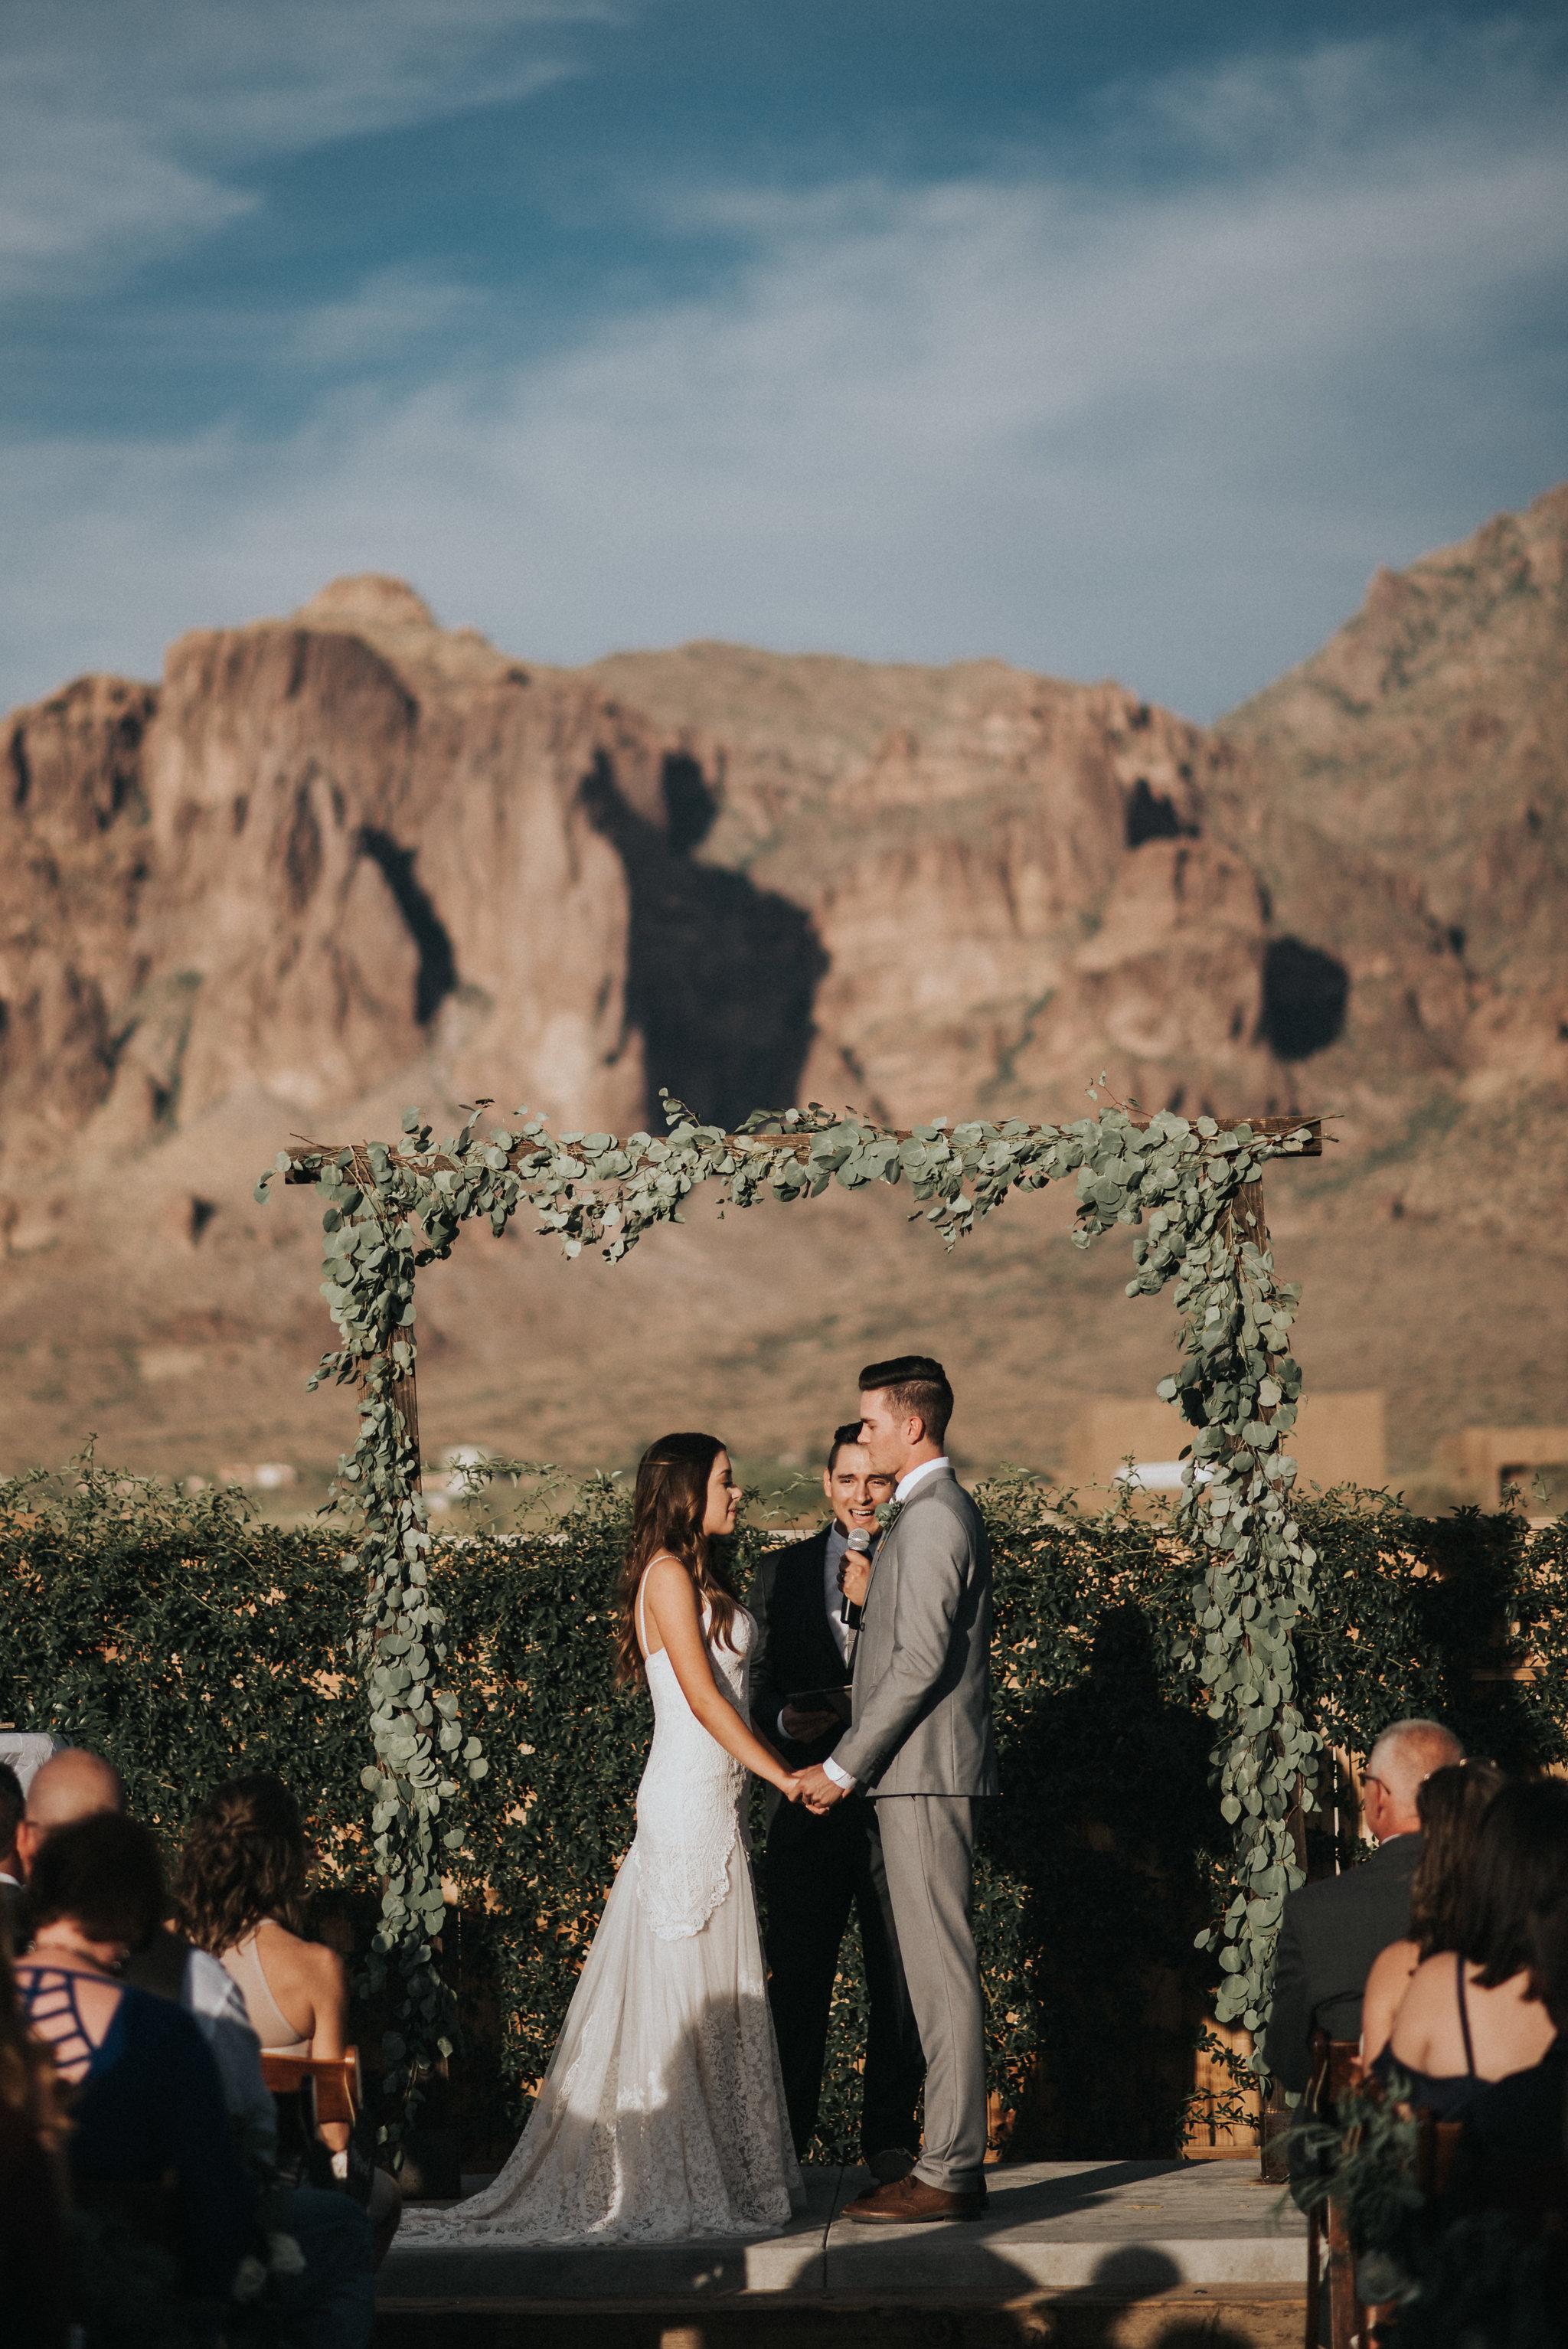 Paseo Wedding31.jpg